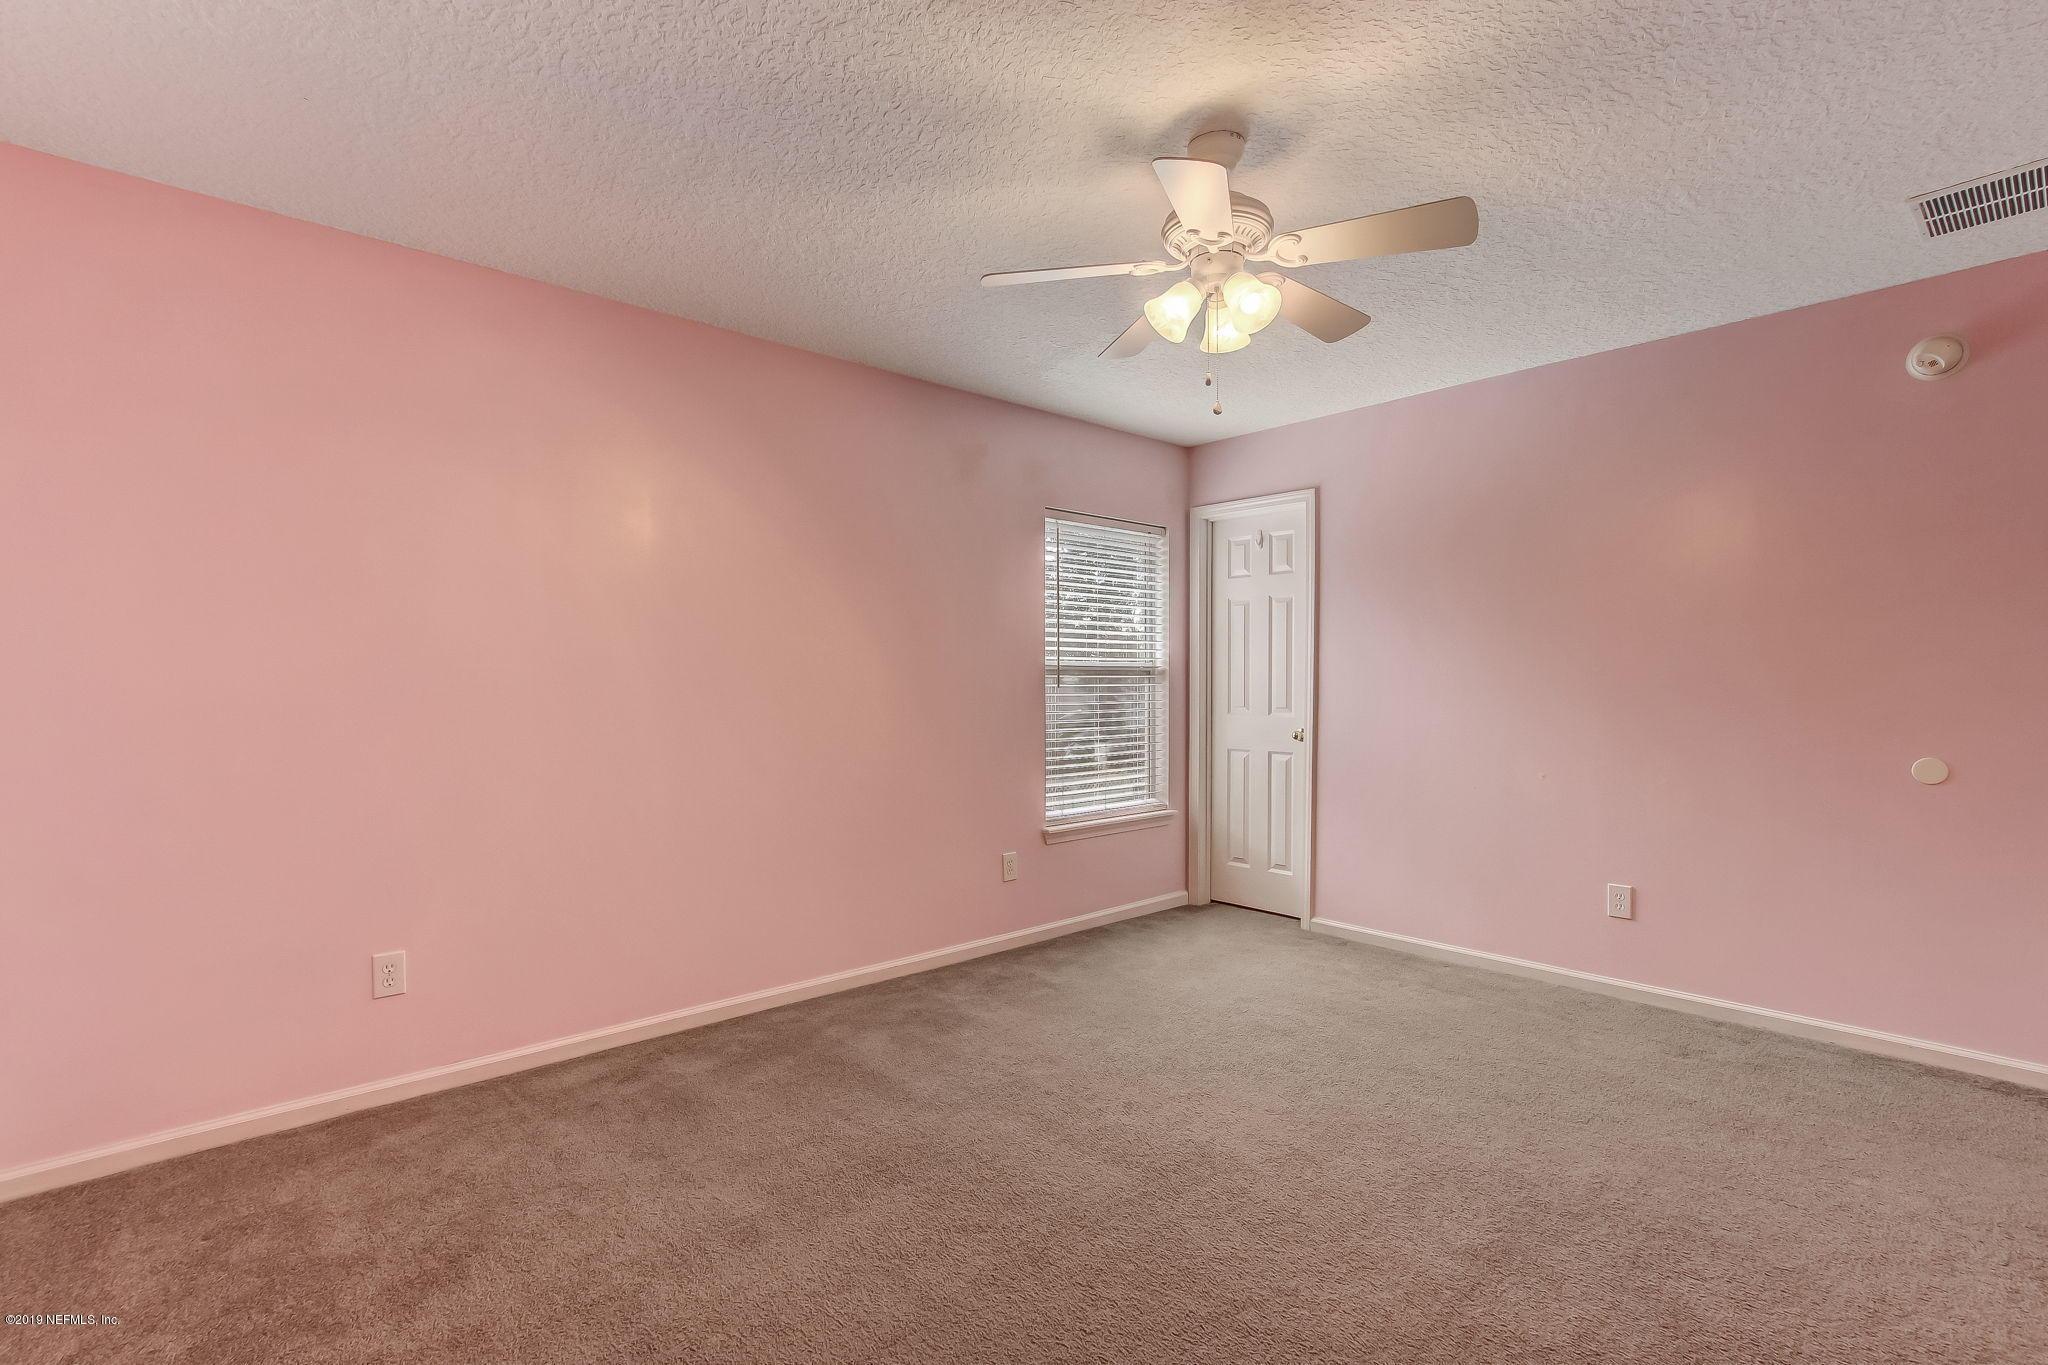 1349 WEKIVA, ST AUGUSTINE, FLORIDA 32092, 5 Bedrooms Bedrooms, ,3 BathroomsBathrooms,For sale,WEKIVA,1024709